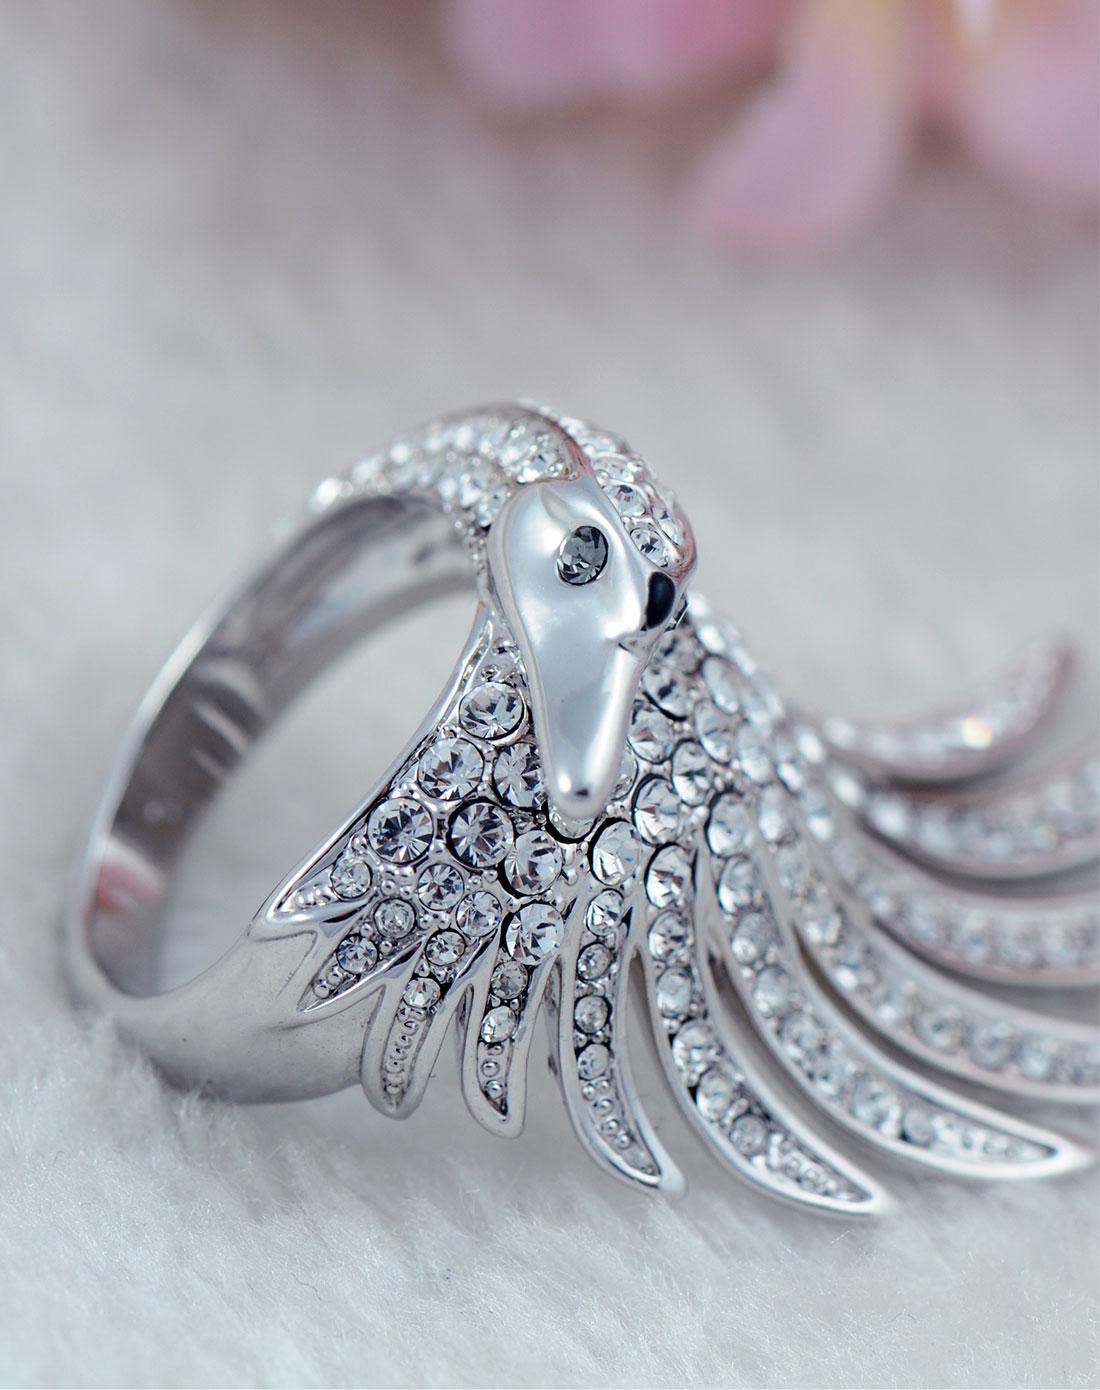 唯美知性小资天鹅公主戒指图片